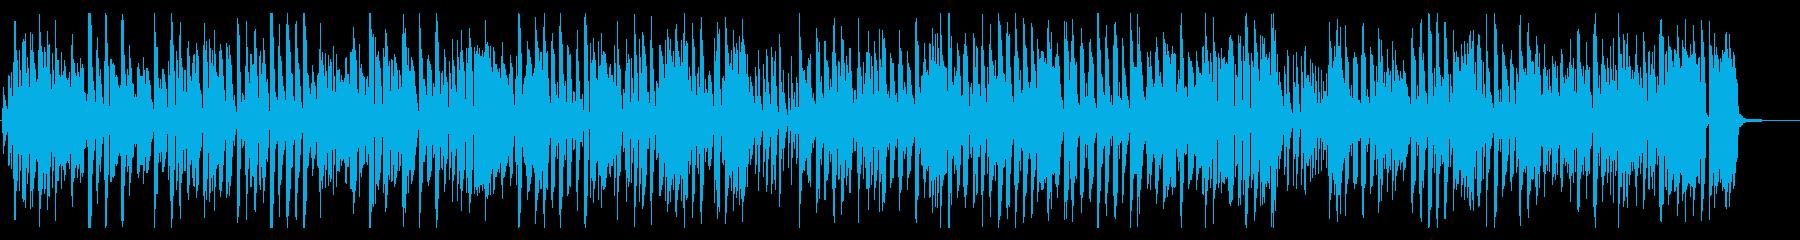 YouTube系おしゃれ楽しいジャズの再生済みの波形